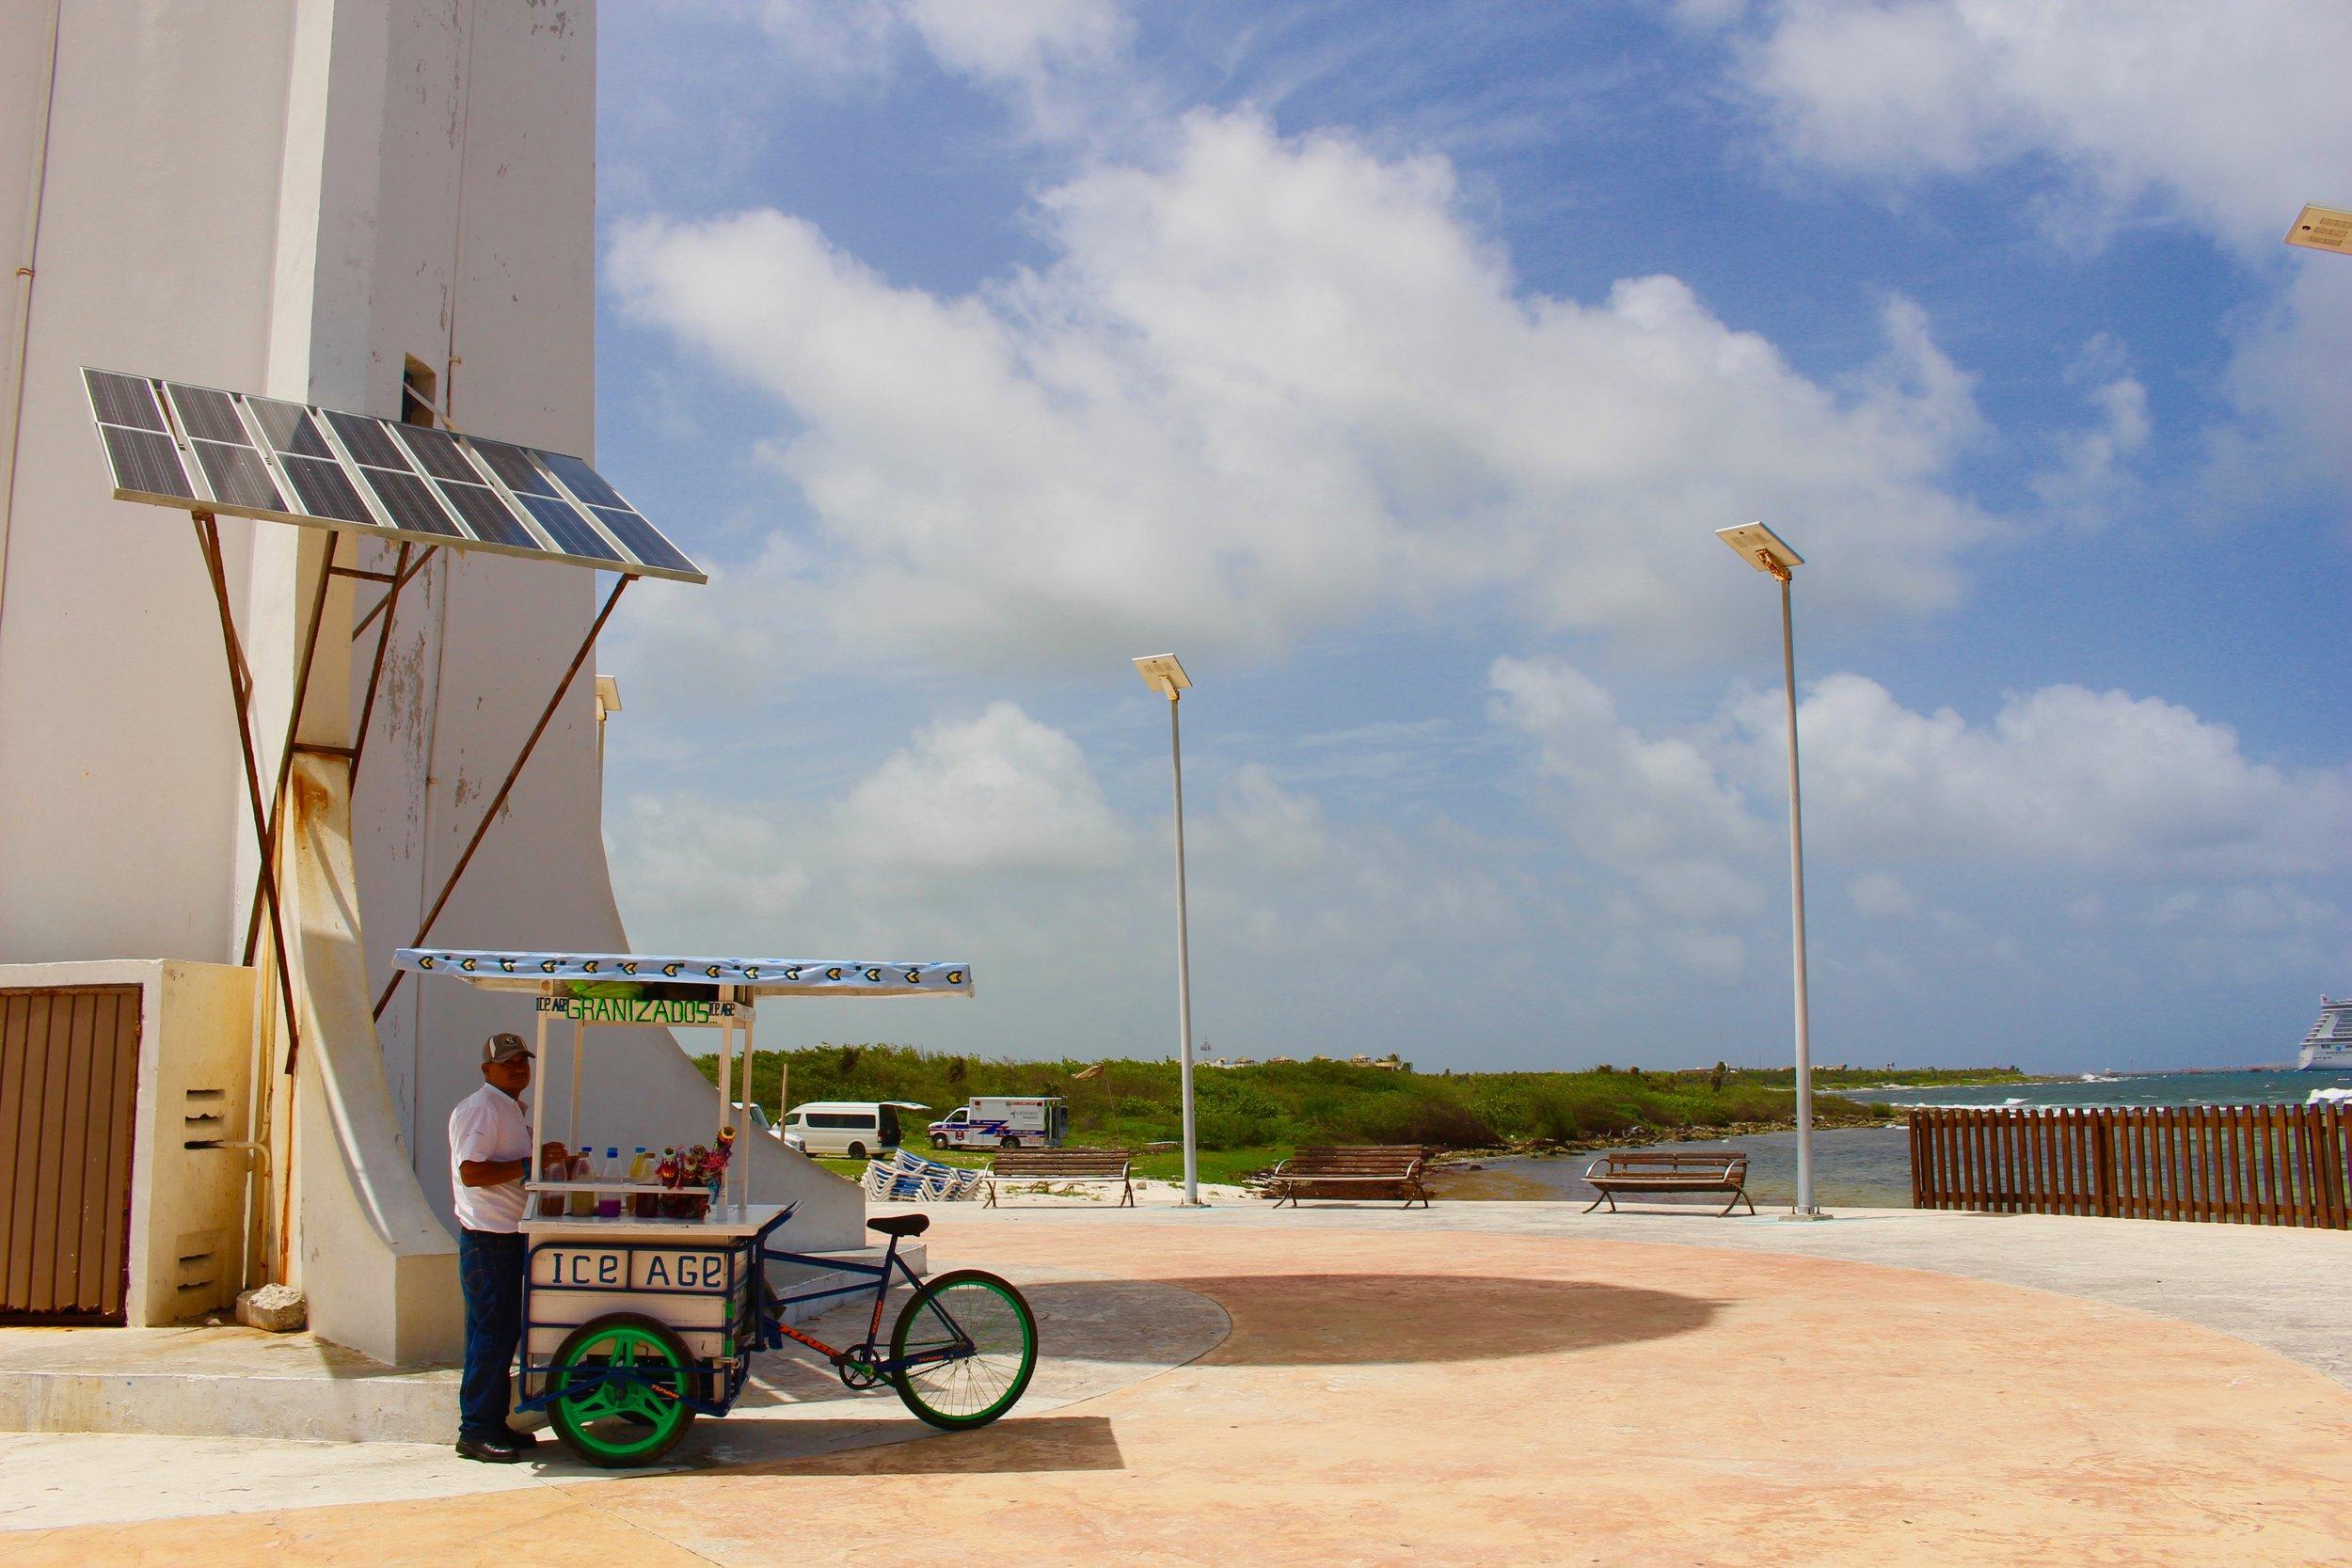 Costa Maya, Quintana Roo Mexico